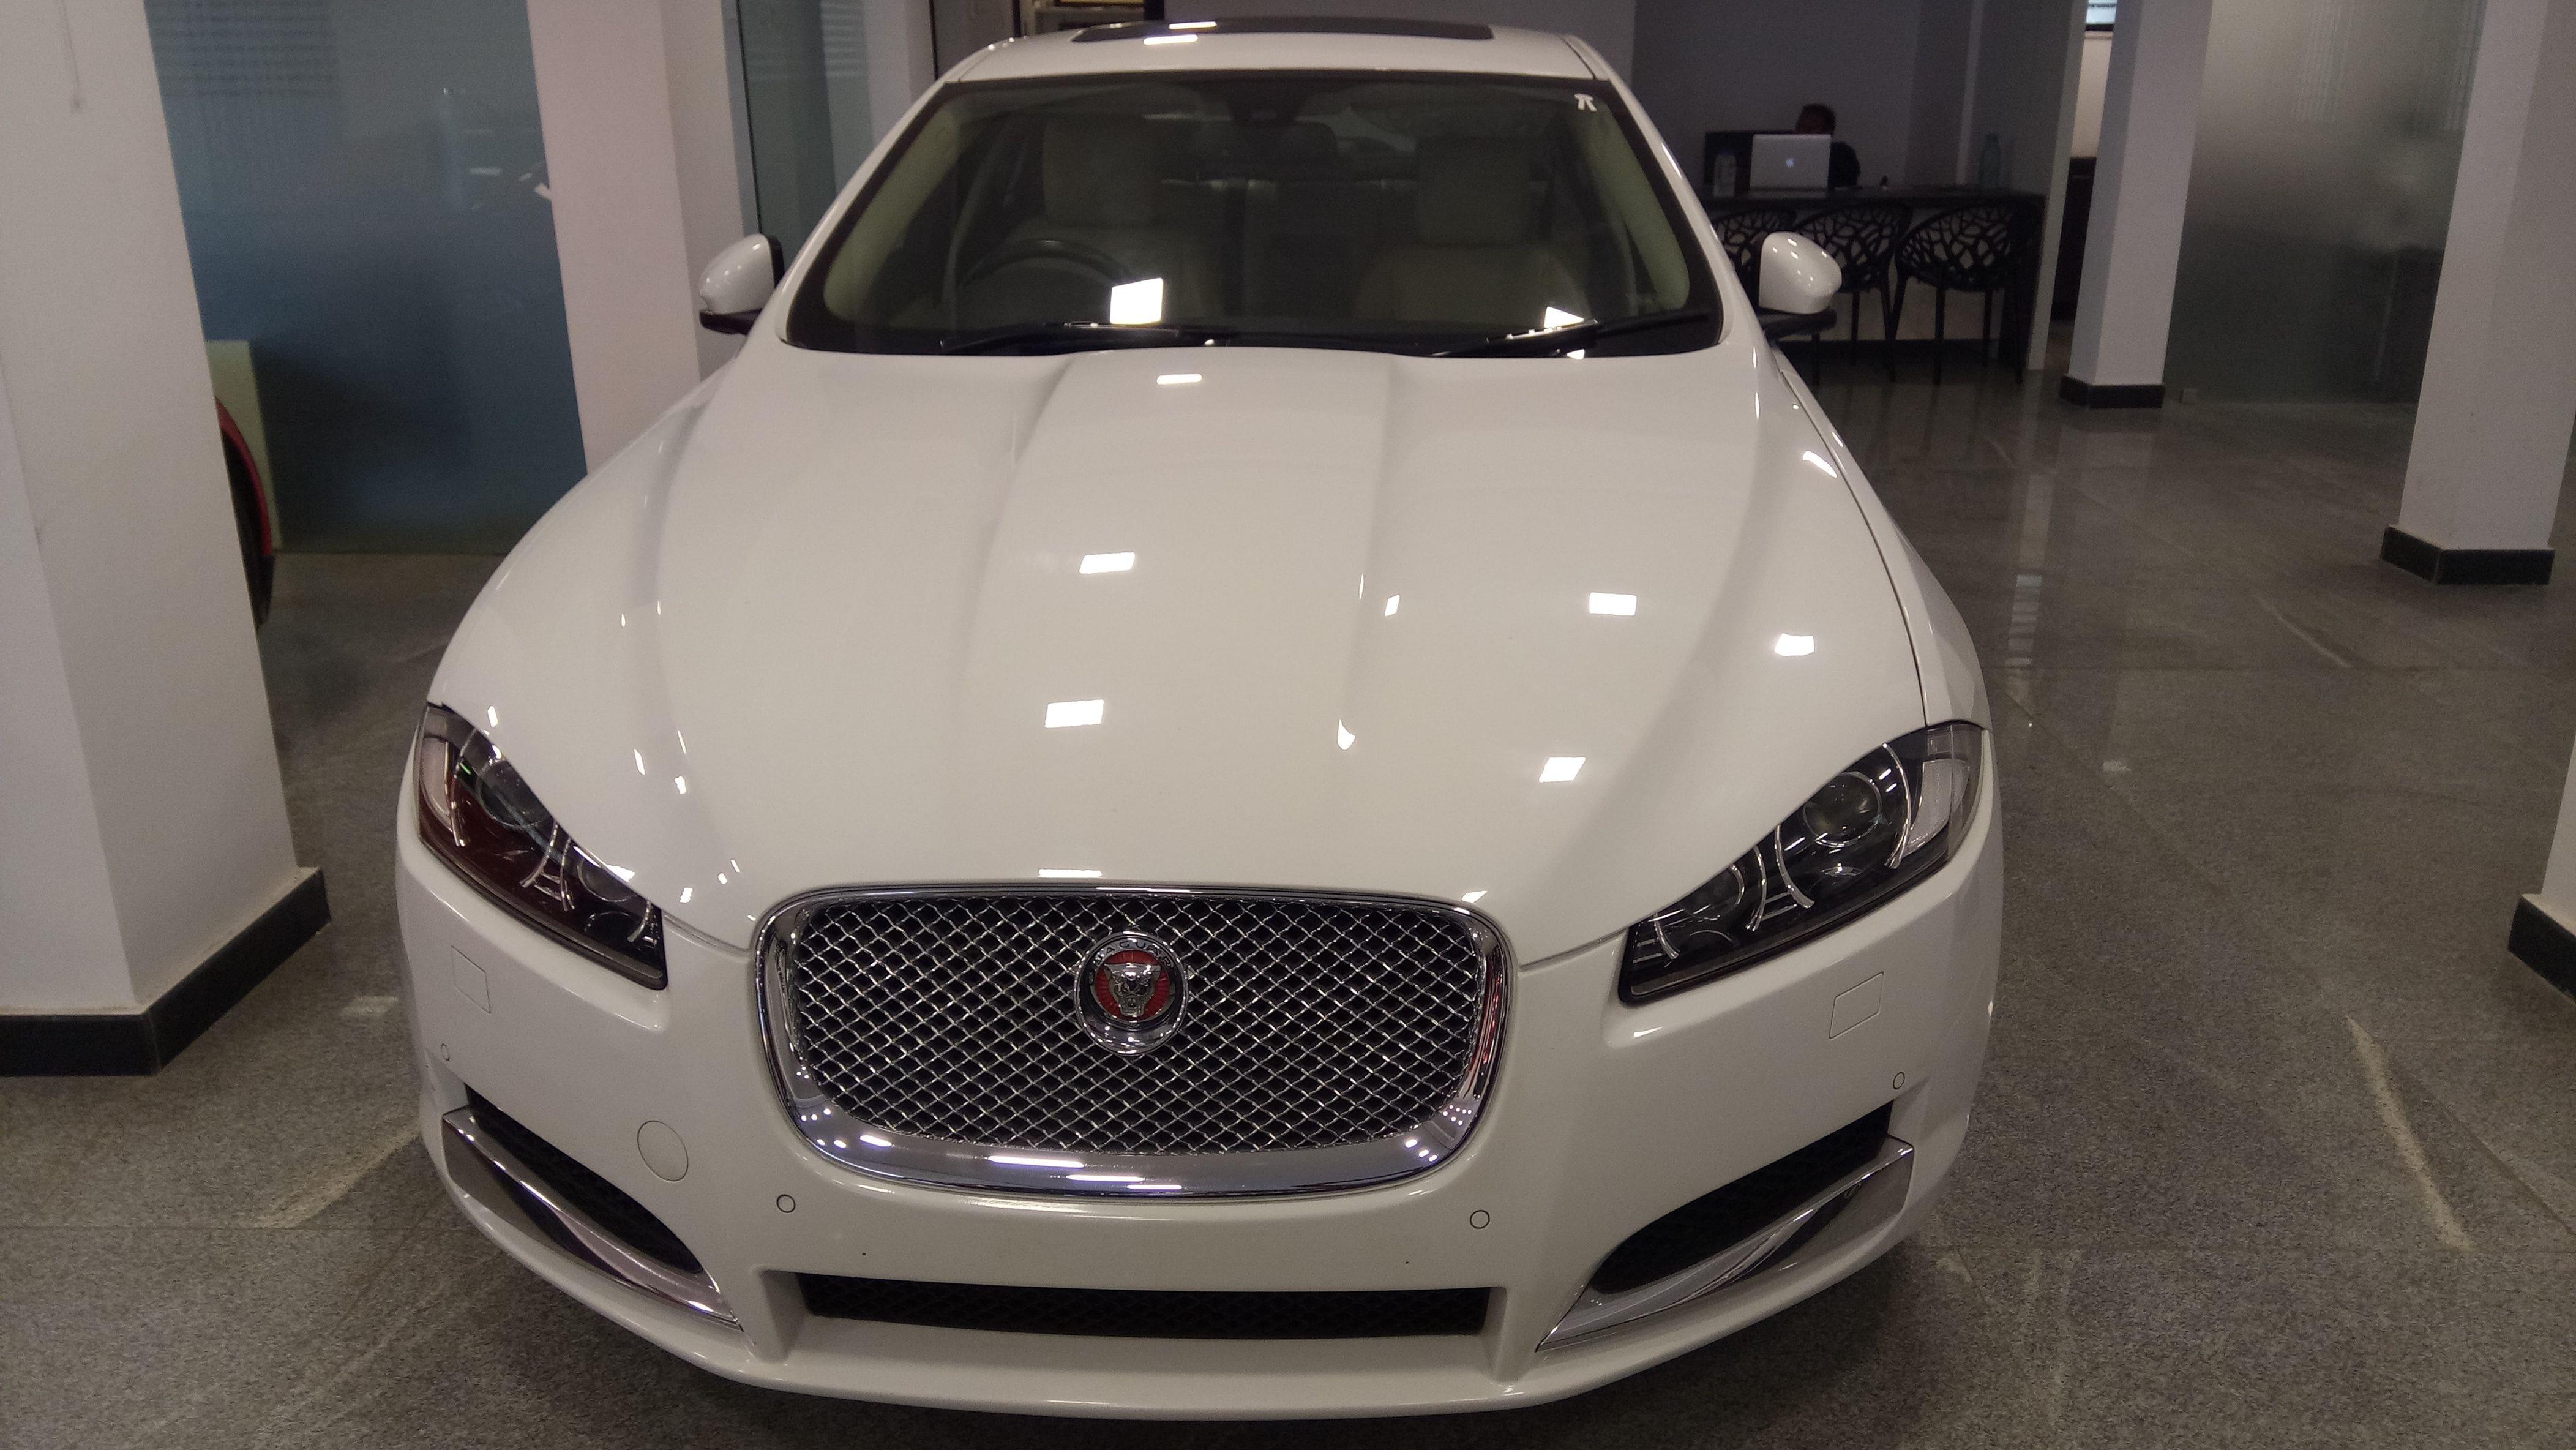 listings xf premium used full jaguar luxury paradise classics